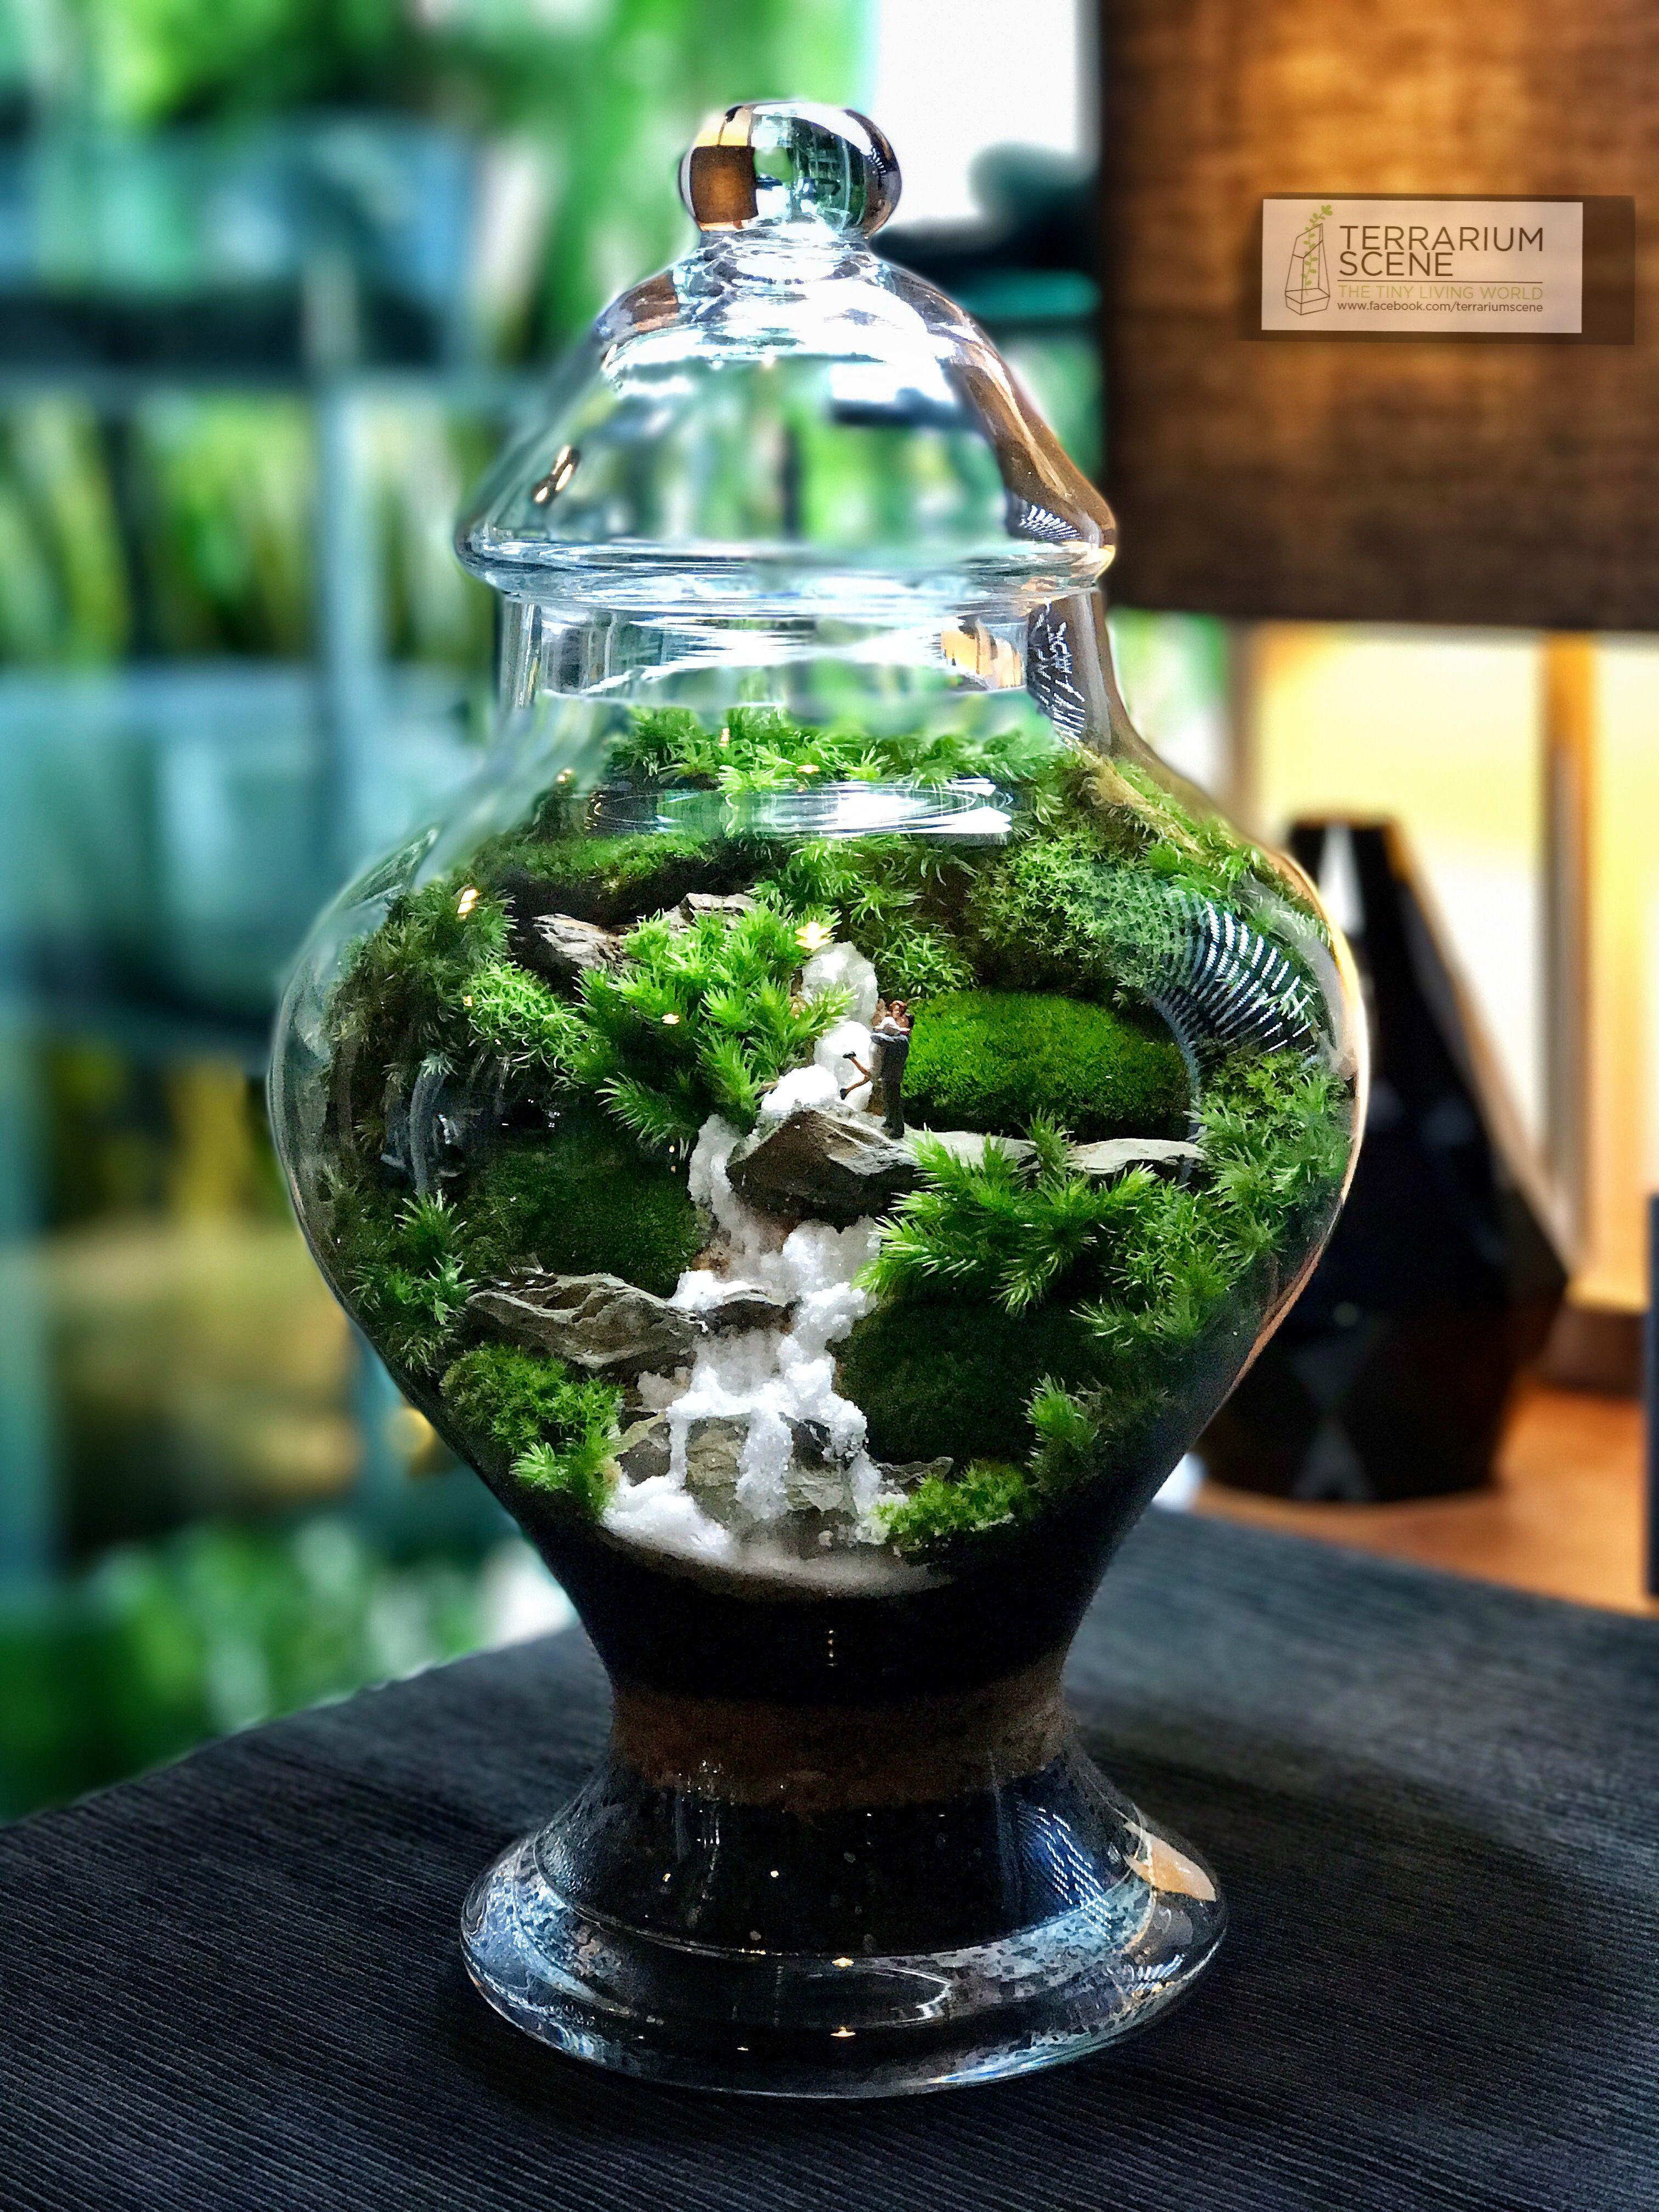 Terrarium Scene, Terrariums, Gardens, Moss Garden, Bonsai, Plants, Terrarium, Outdoor